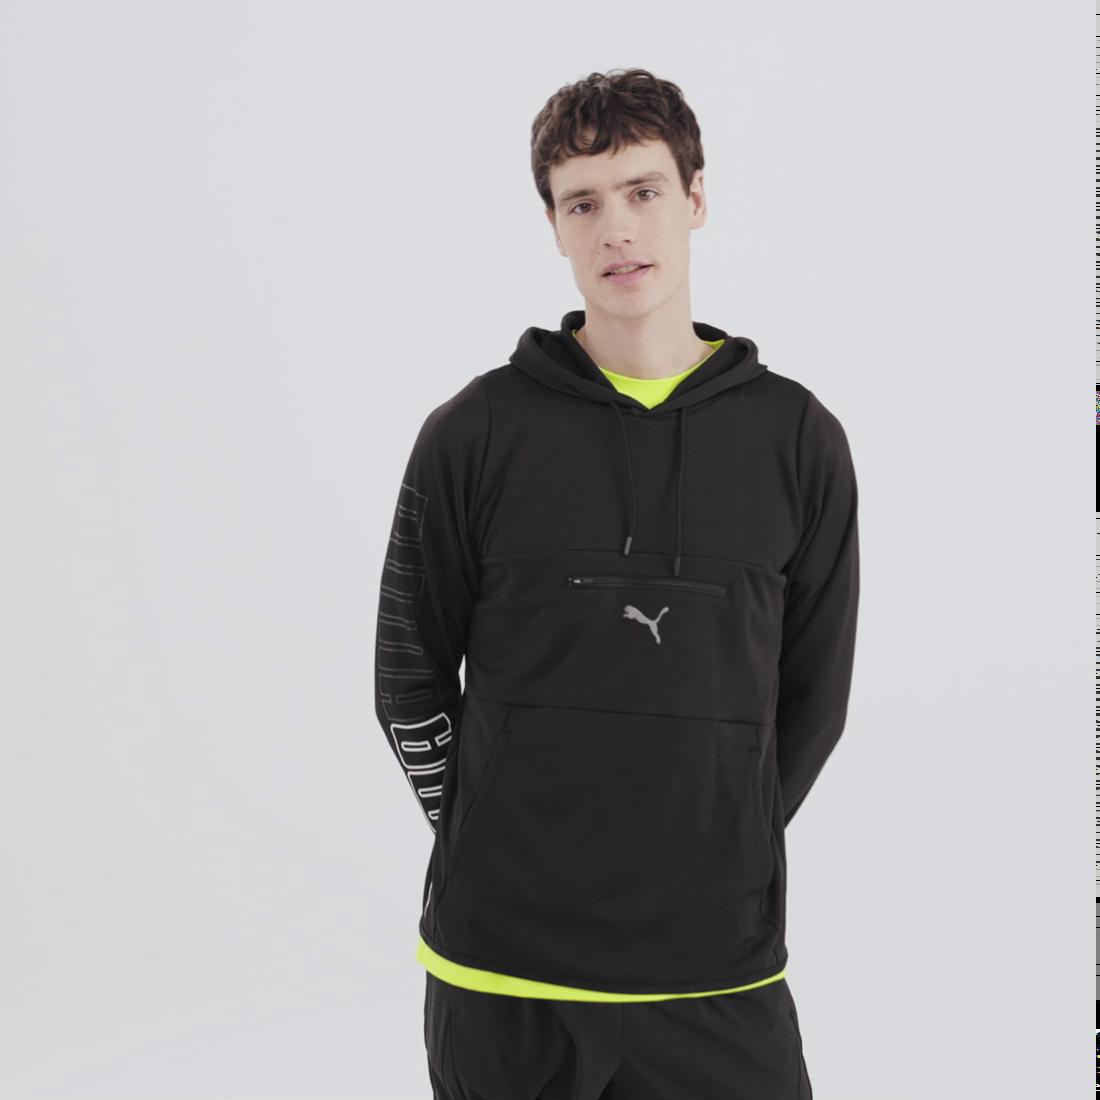 Imagen PUMA Polerón con capucha de training Power Knit para hombre #6